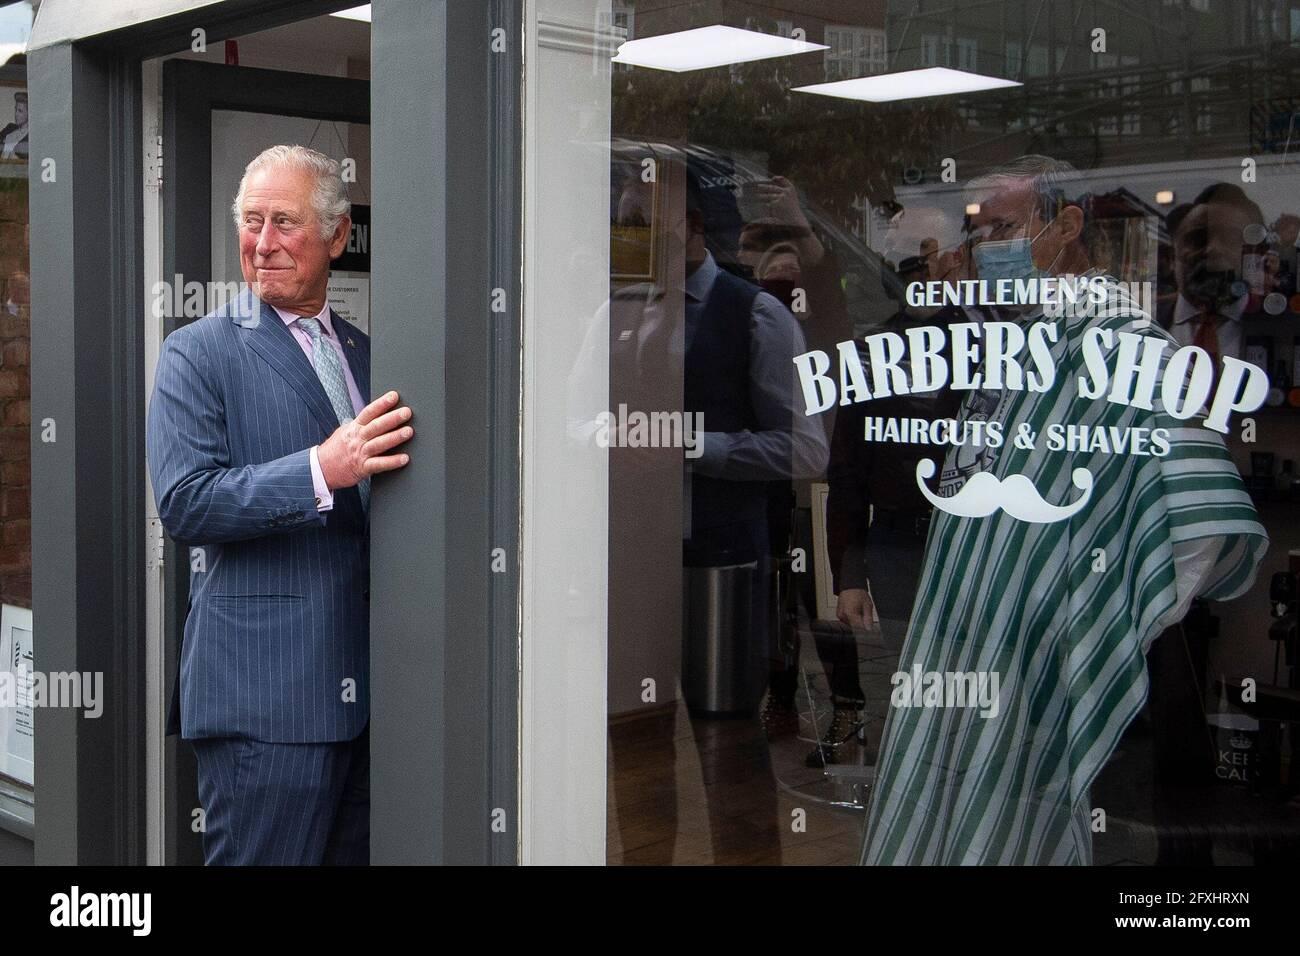 Der Prinz von Wales steht vor der Tür eines Barbershopfes, während der Prinz von Wales und die Herzogin von Cornwall Clapham Old Town in London besuchen, um den High Street- und Einzelhandelssektor zu feiern, da nicht unbedingt erforderliche Geschäfte wieder geöffnet werden und die Einschränkungen durch Coronavirus nachlassen. Bilddatum: Donnerstag, 27. Mai 2021. Stockfoto